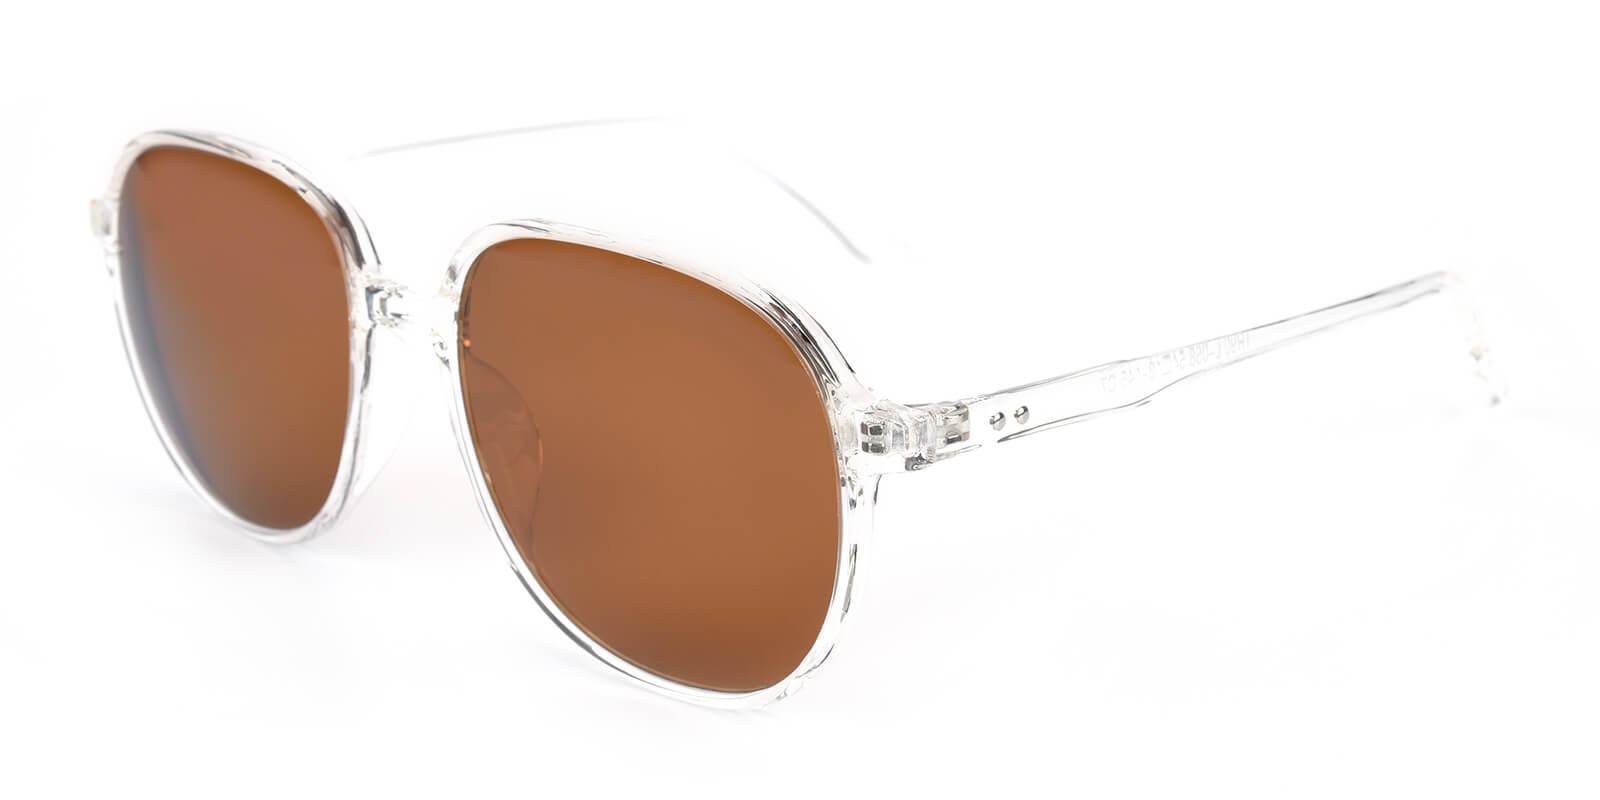 Alinena-Translucent-Round-TR-Sunglasses-detail